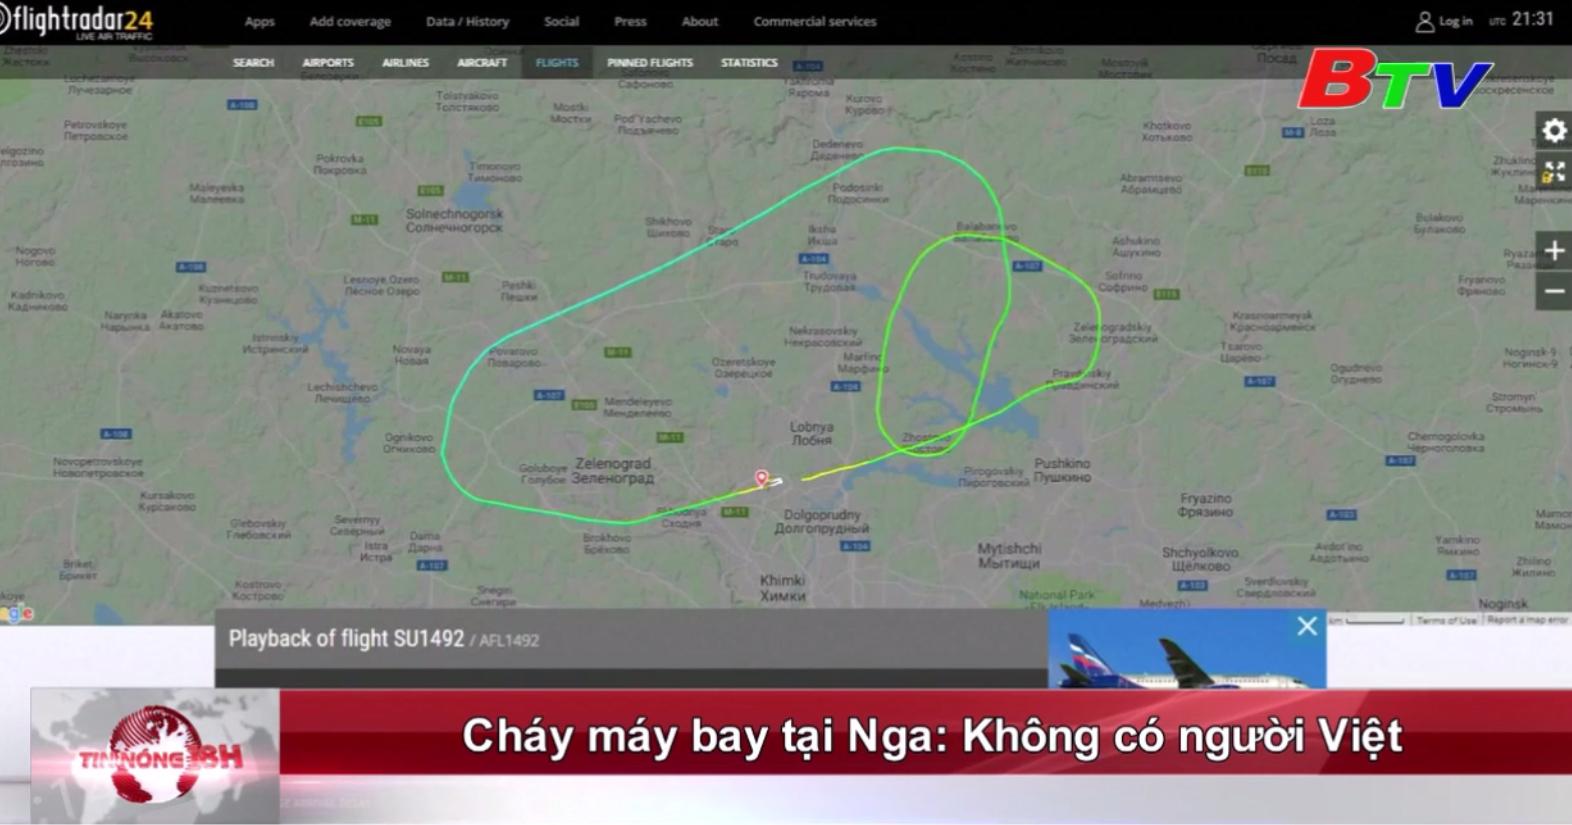 Cháy máy bay tại Nga: Không có người Việt